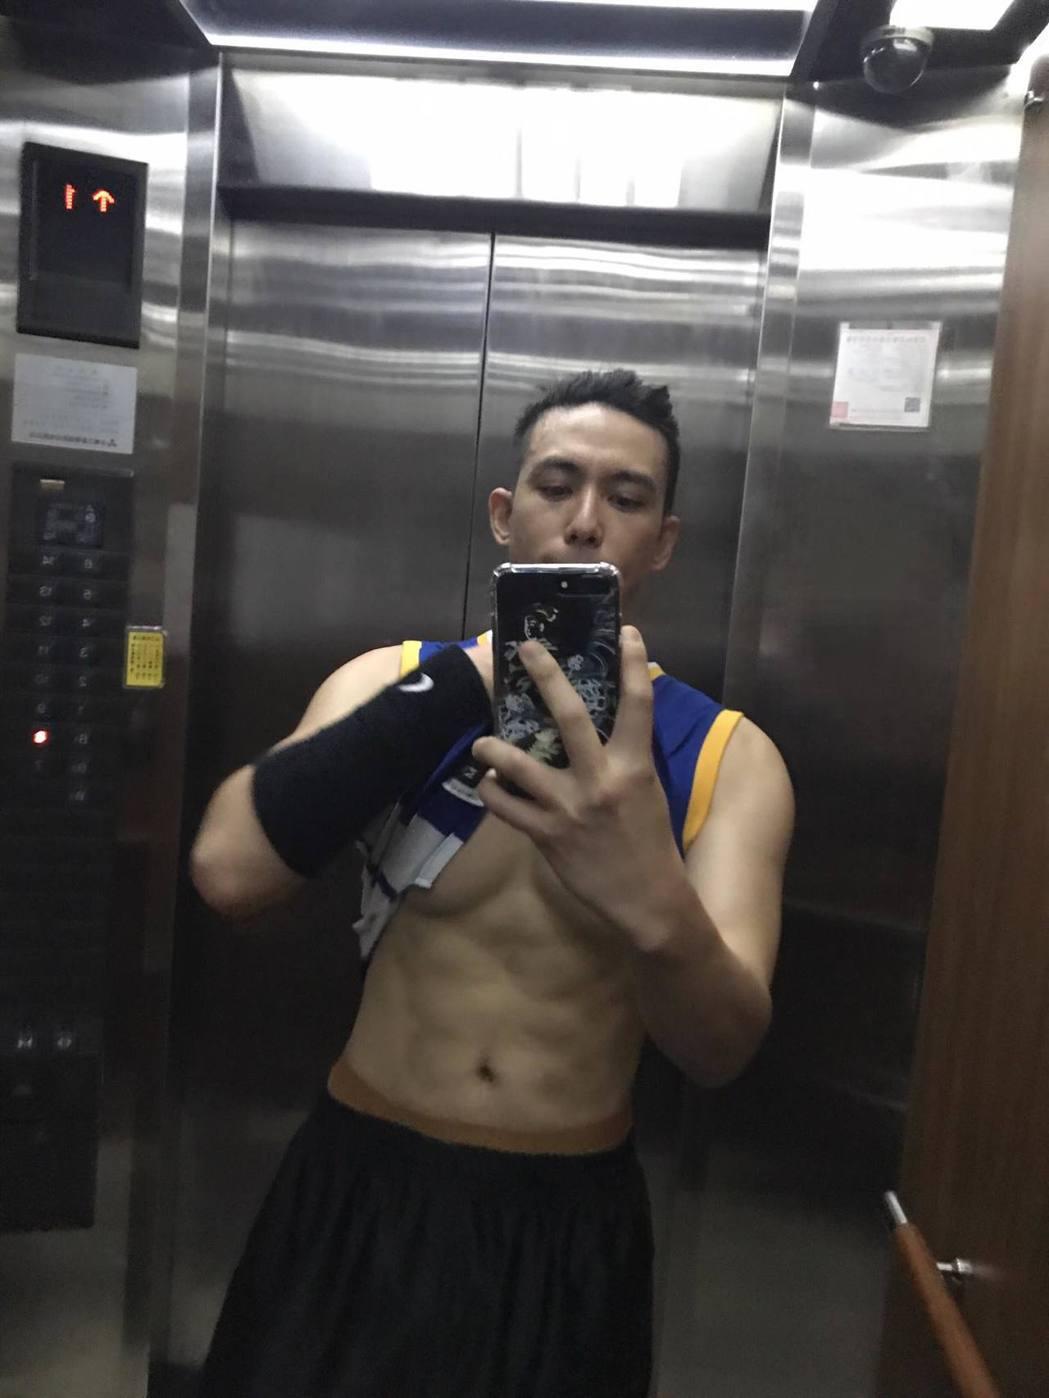 陳楚河在電梯自拍。 圖/擷自陳楚河臉書